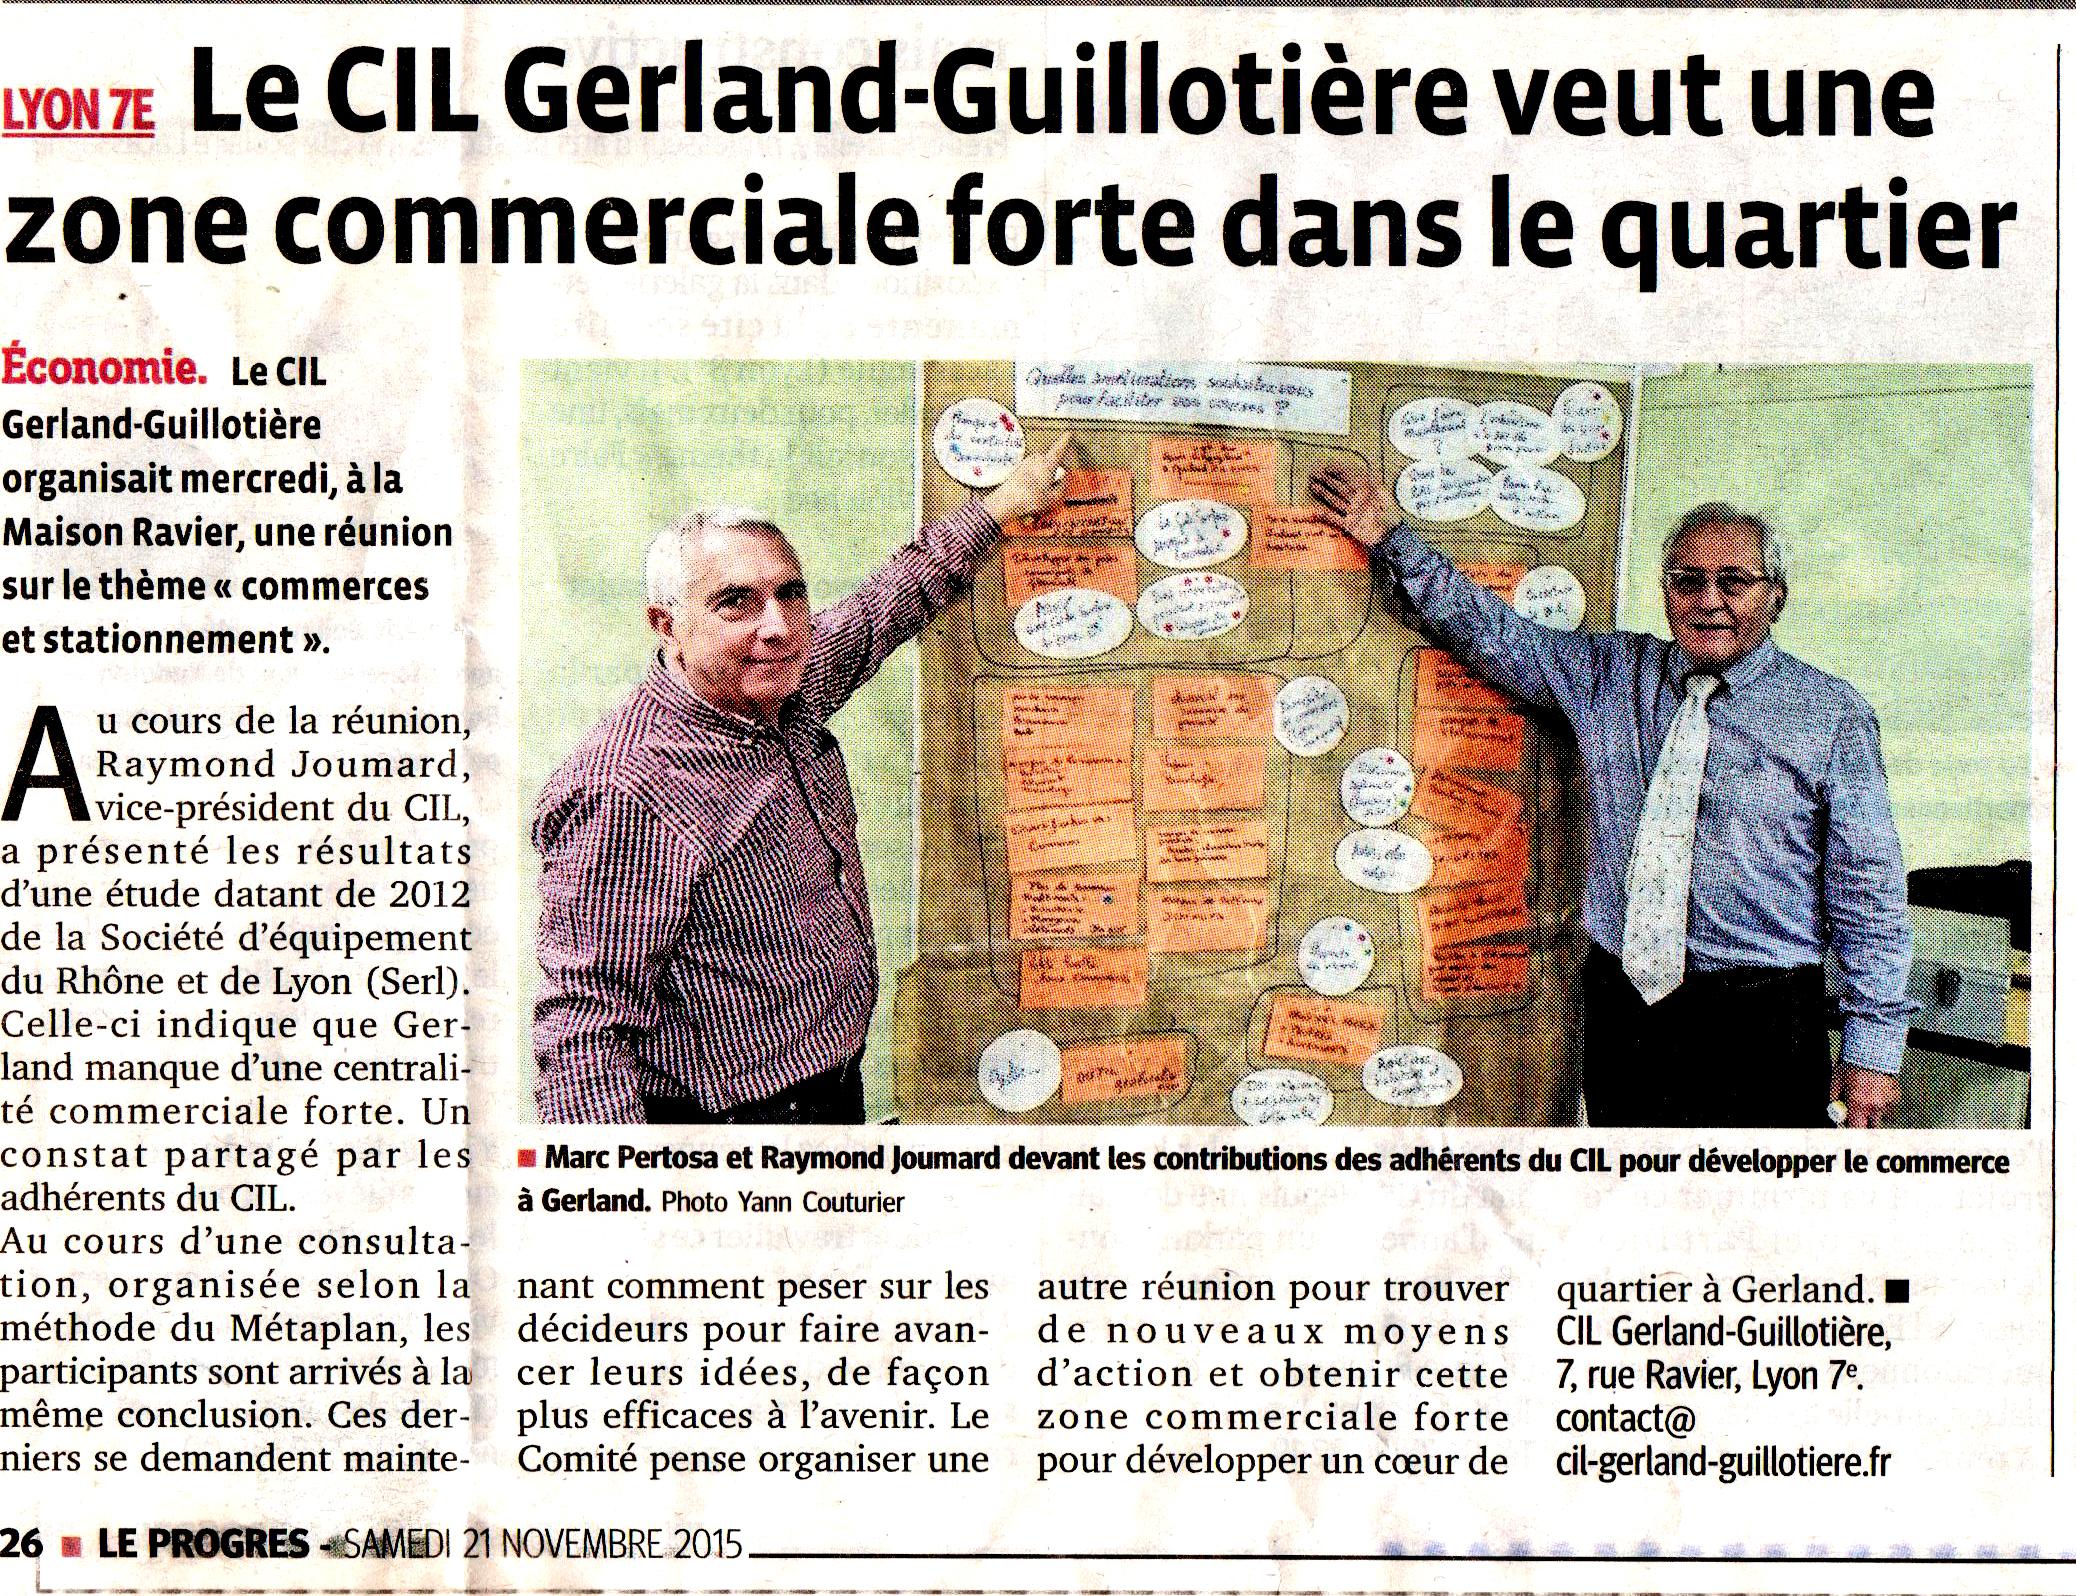 Réunion publique sur les améliorations du commerce à Gerland (Le Progrès)